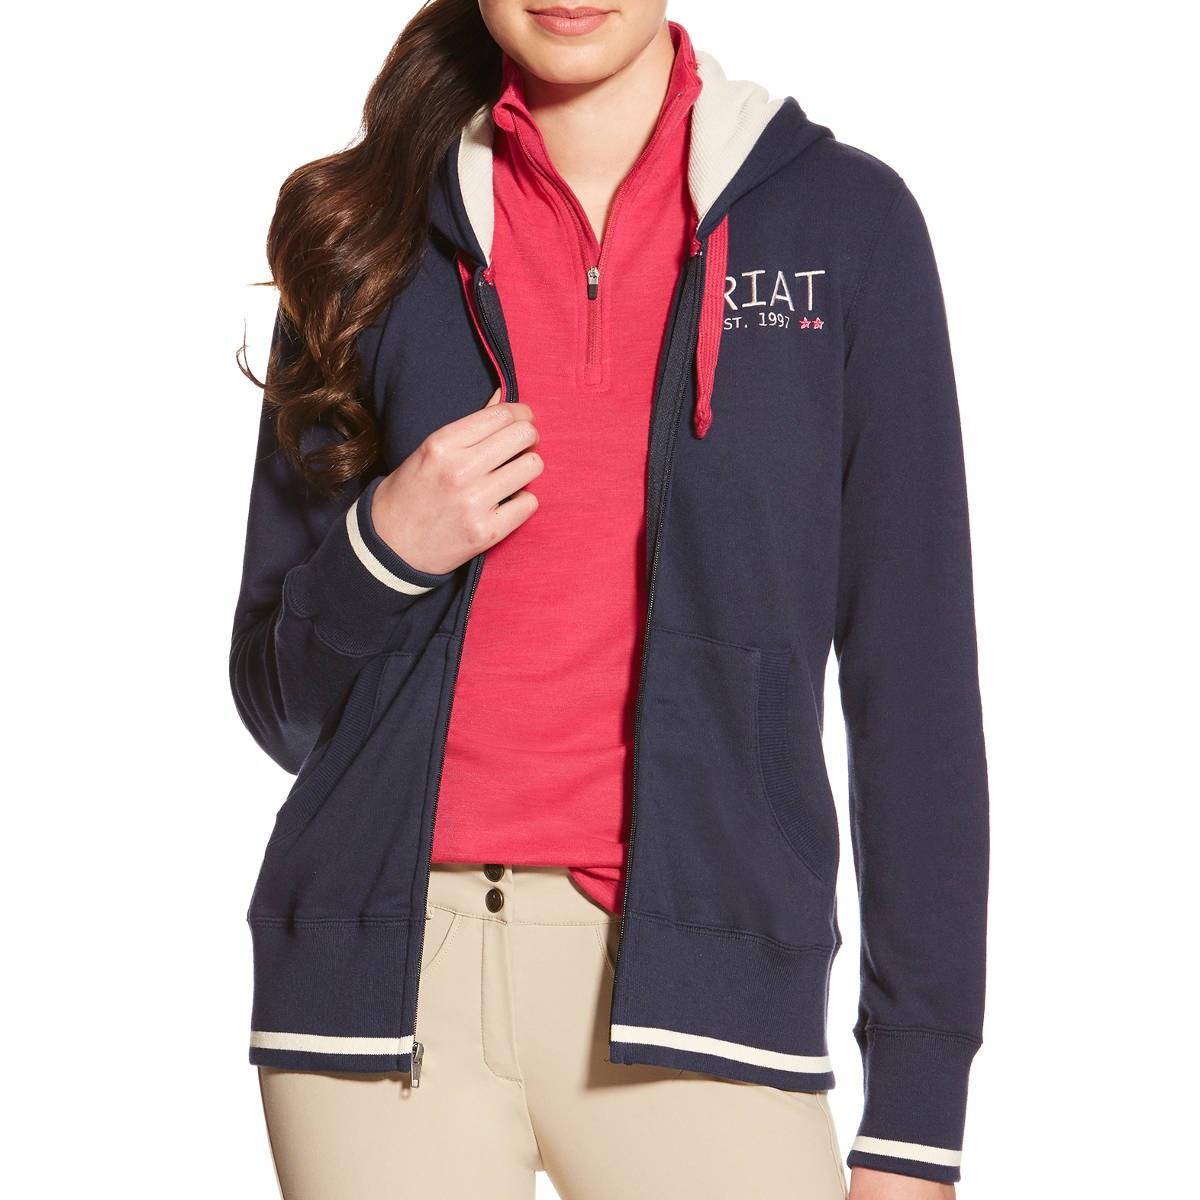 Ariat Cali Ladies Full Zip Hoodie - Navy - Redpost Equestrian f87655f68865